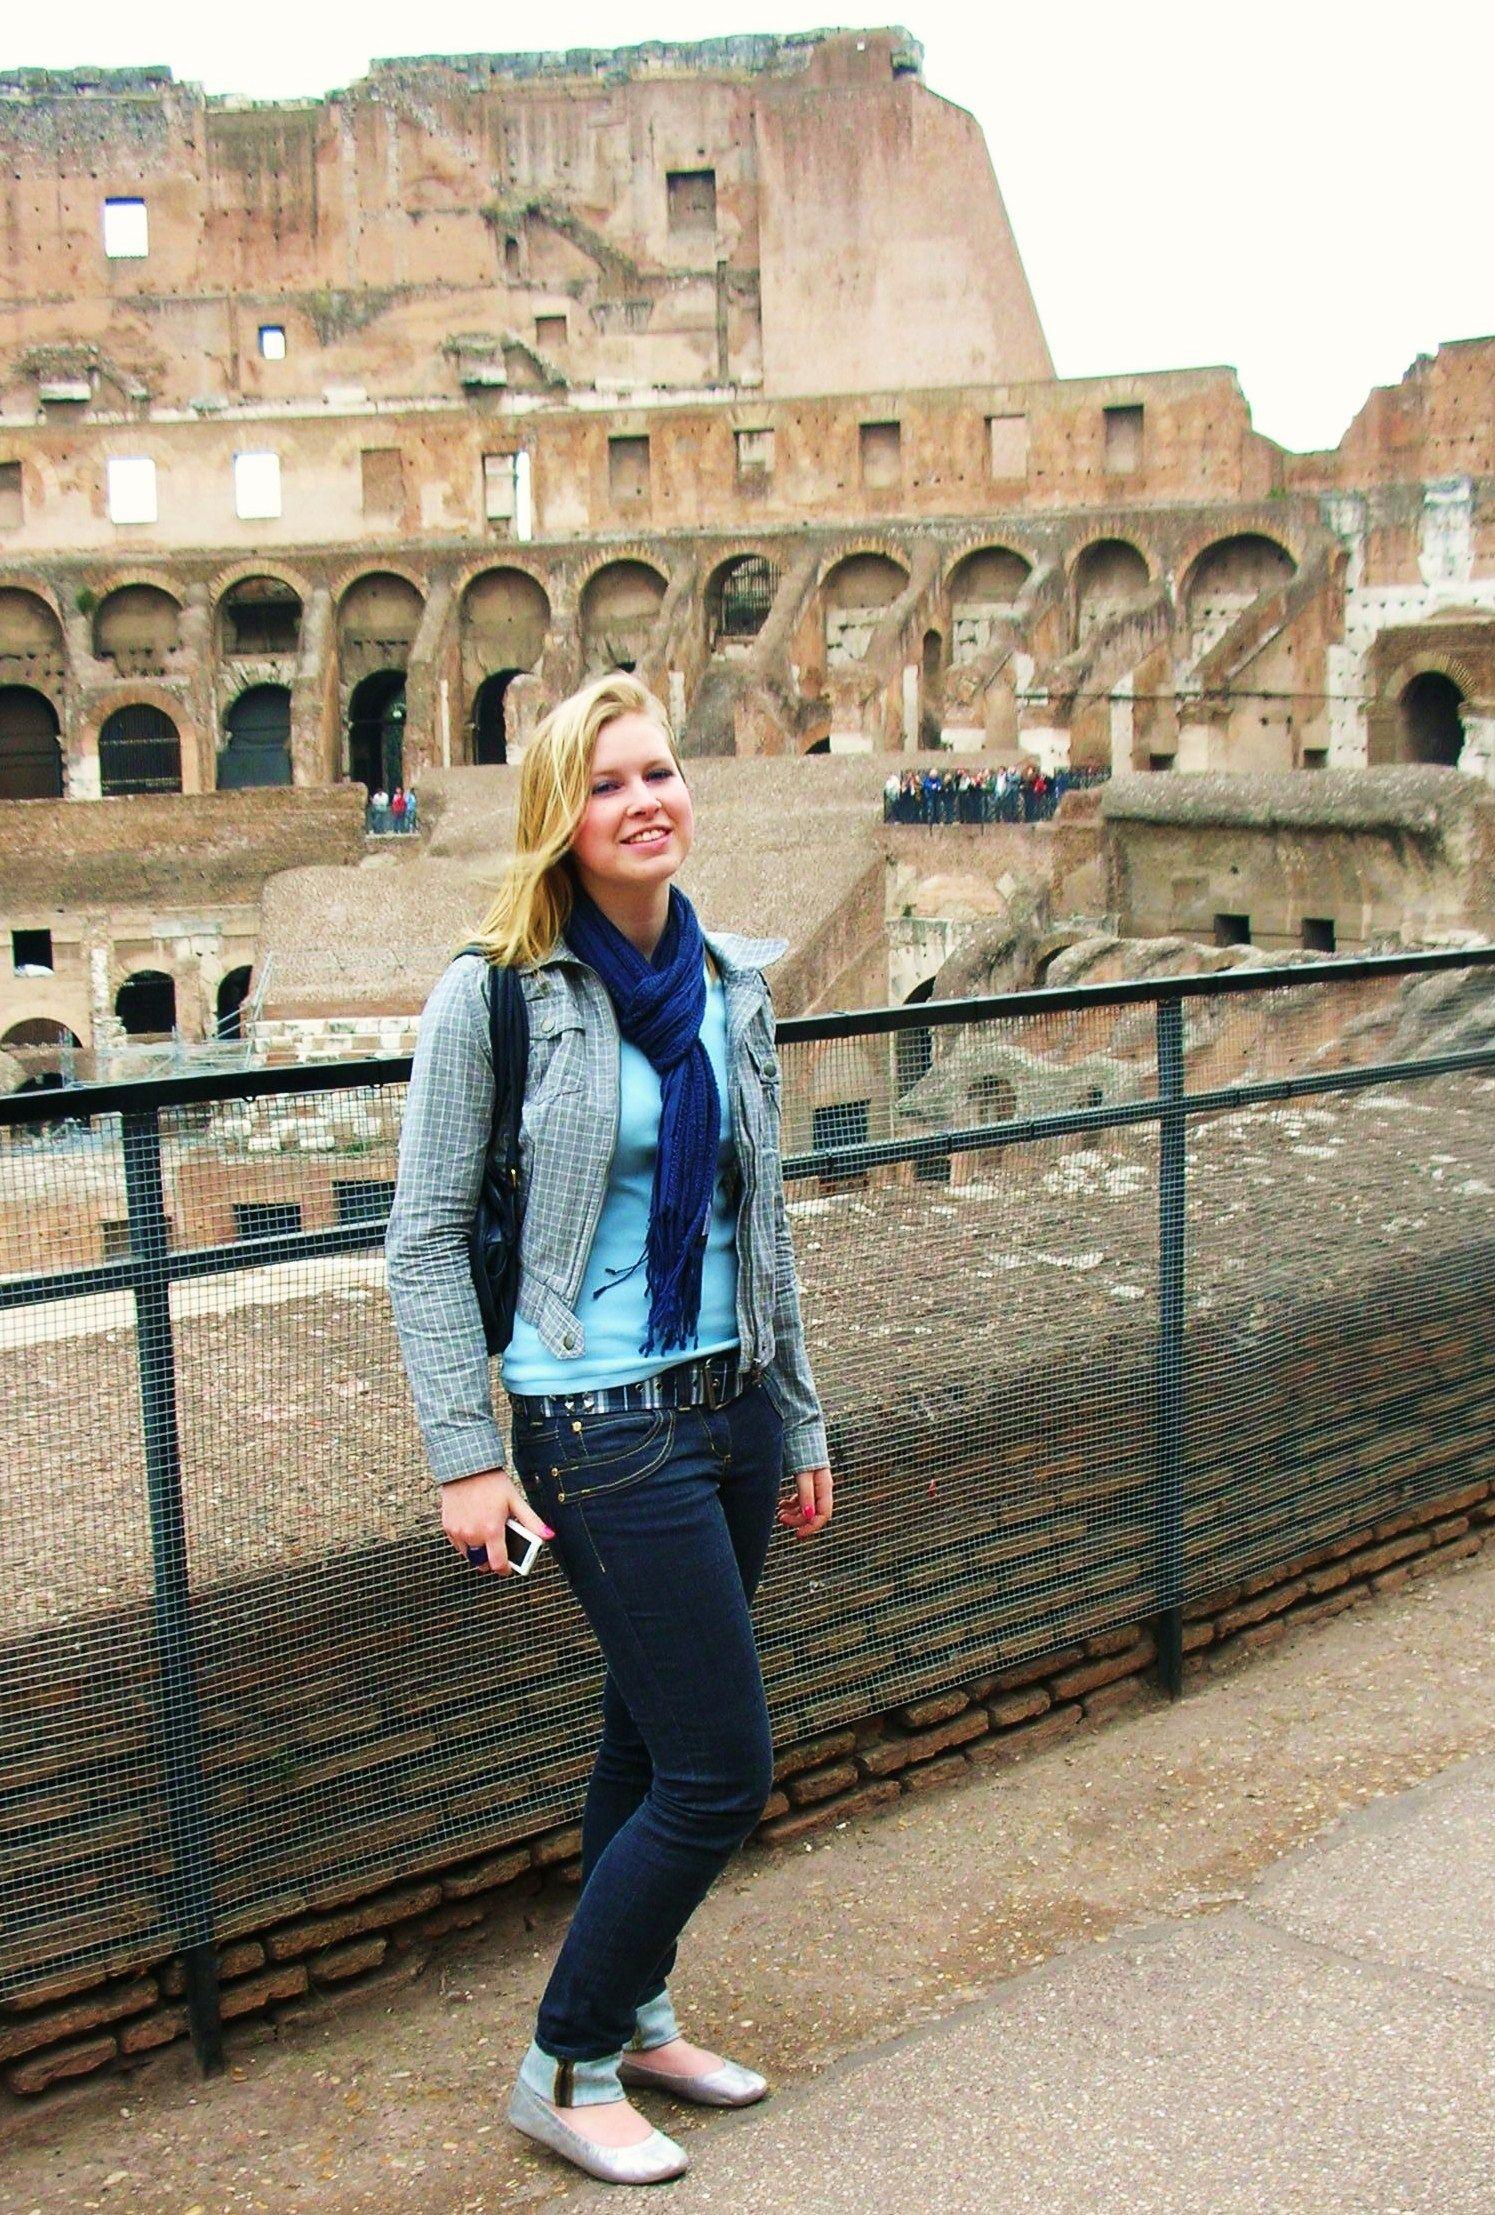 #Rome #Colosseum 2007